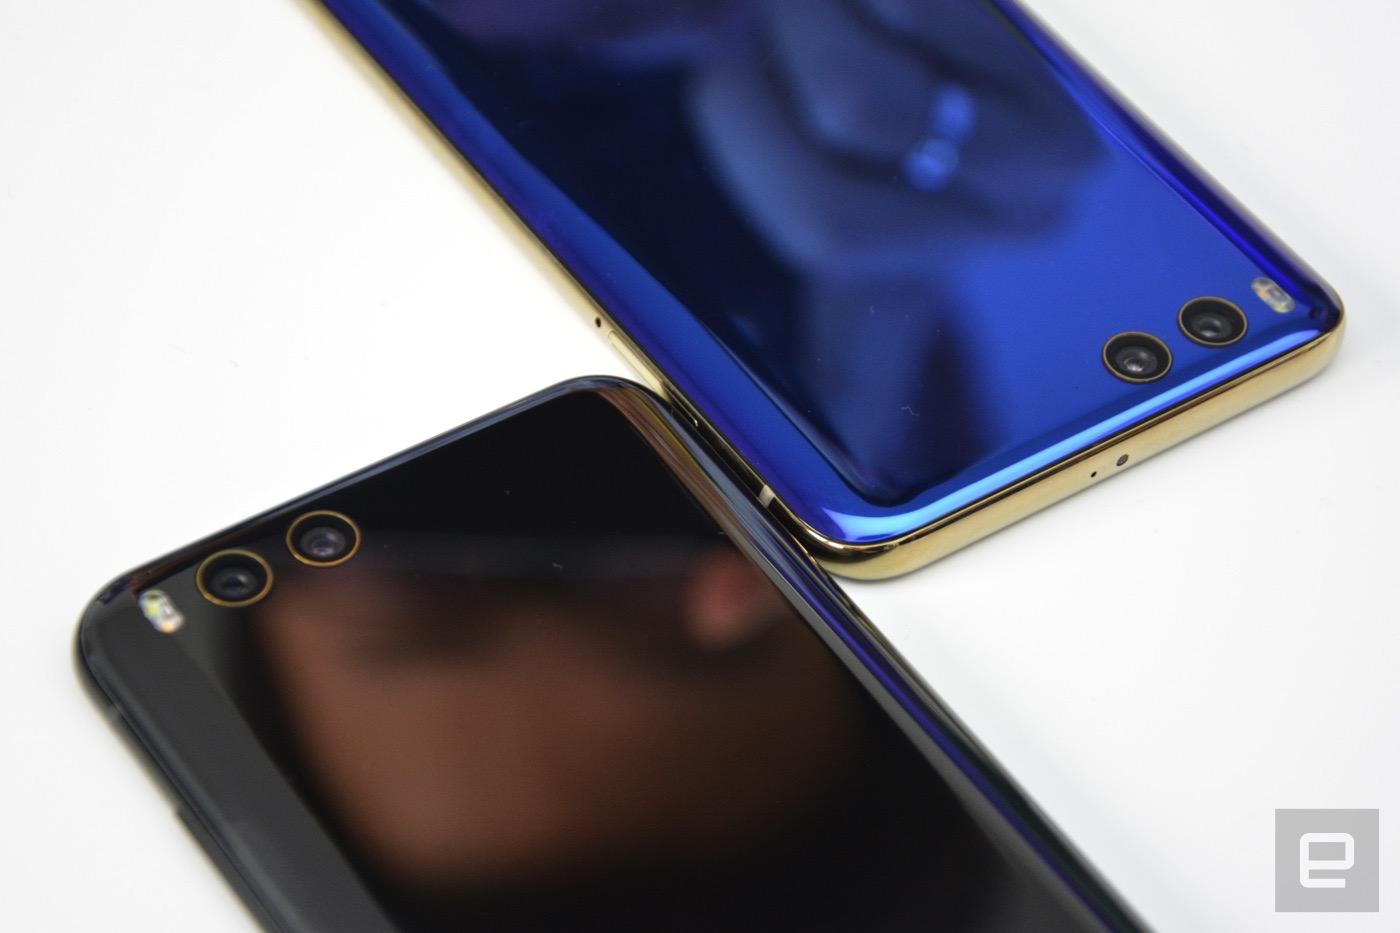 Xiaomi Mi 6 Mimics The Iphone S Camera Tricks Without The Bump